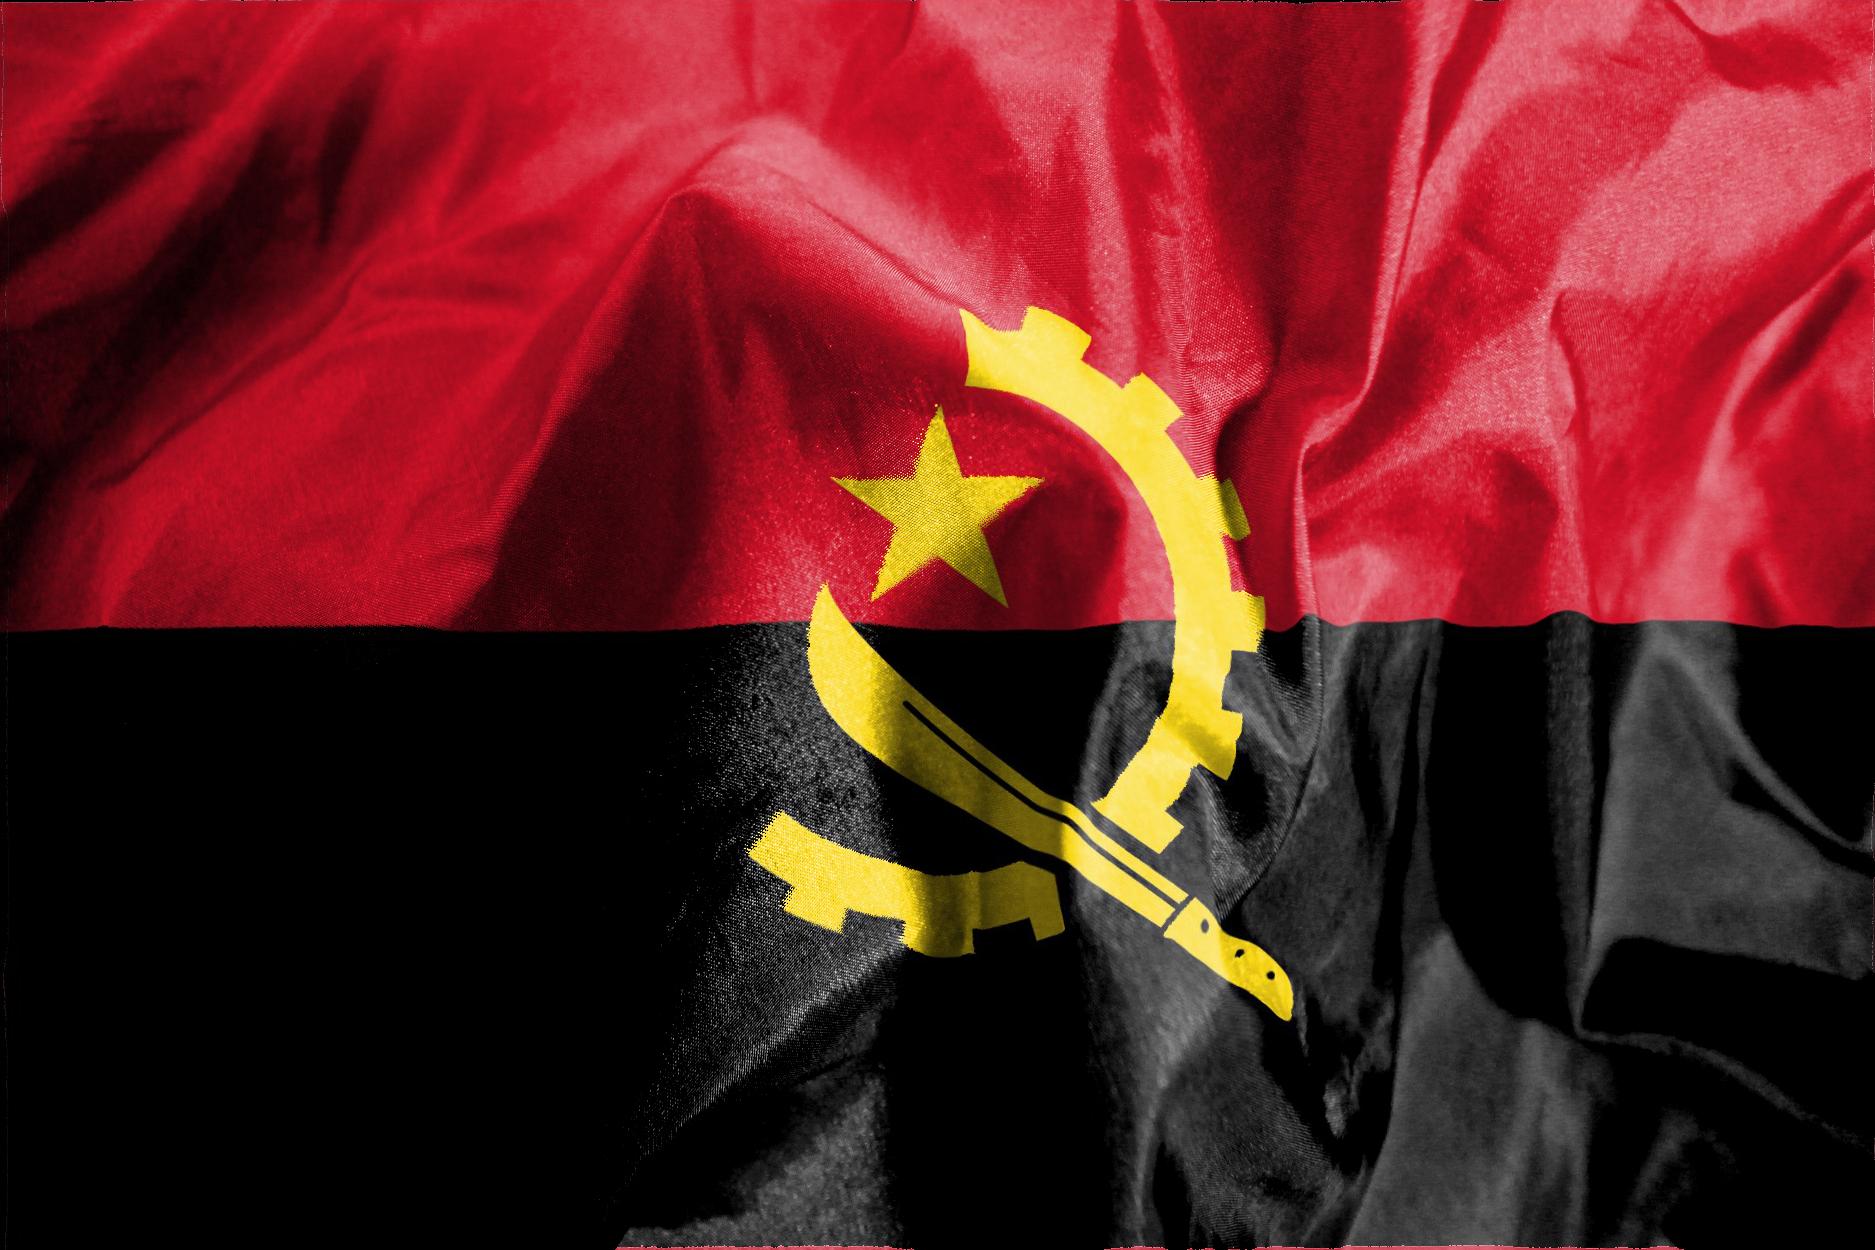 Grupos armados atacam distritos de Cabo Delgado